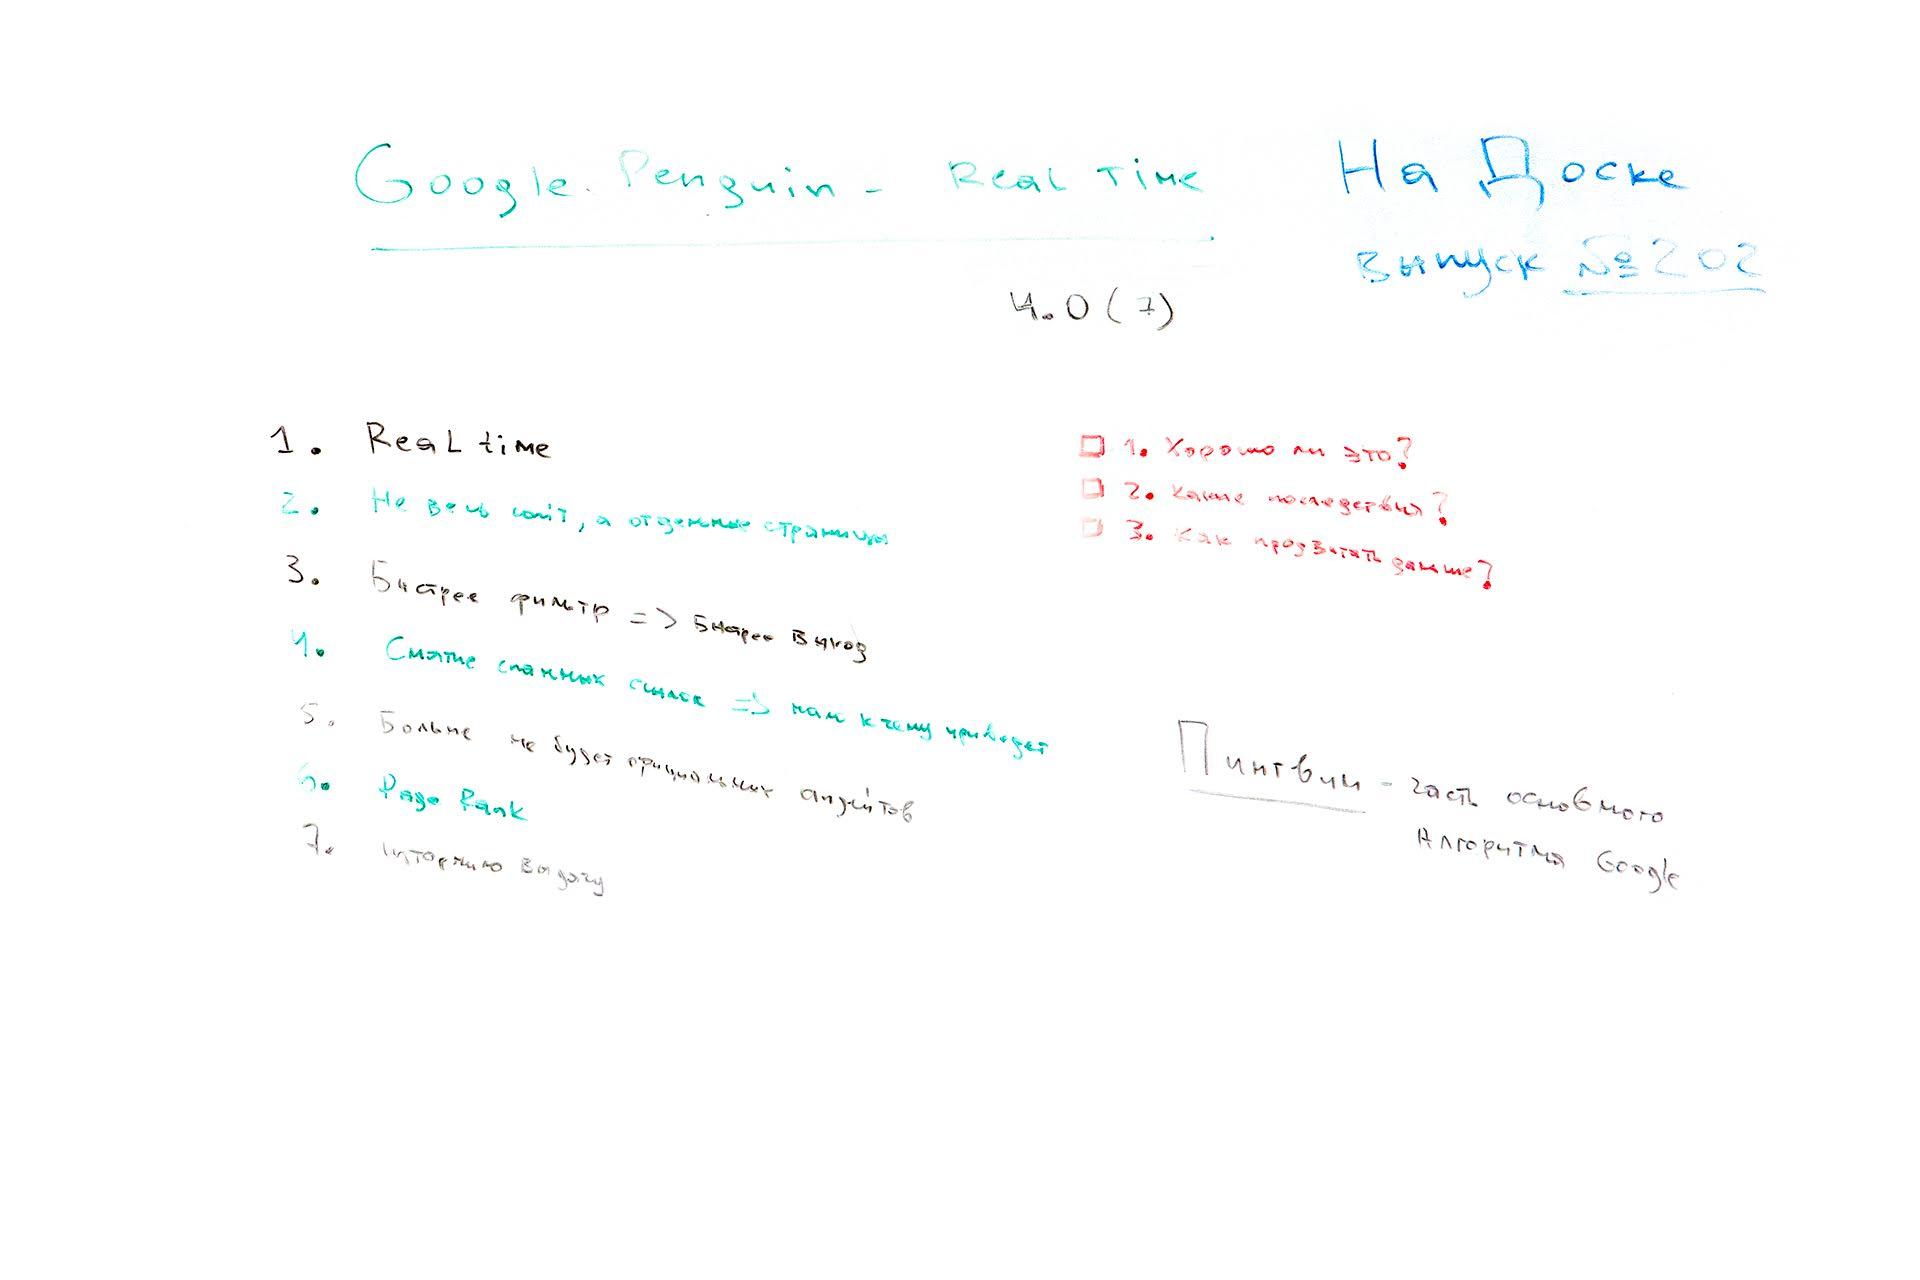 Фото с доски: Google Пингвин - обновление, real time и что это значит для SEO - На Доске - выпуск № 202